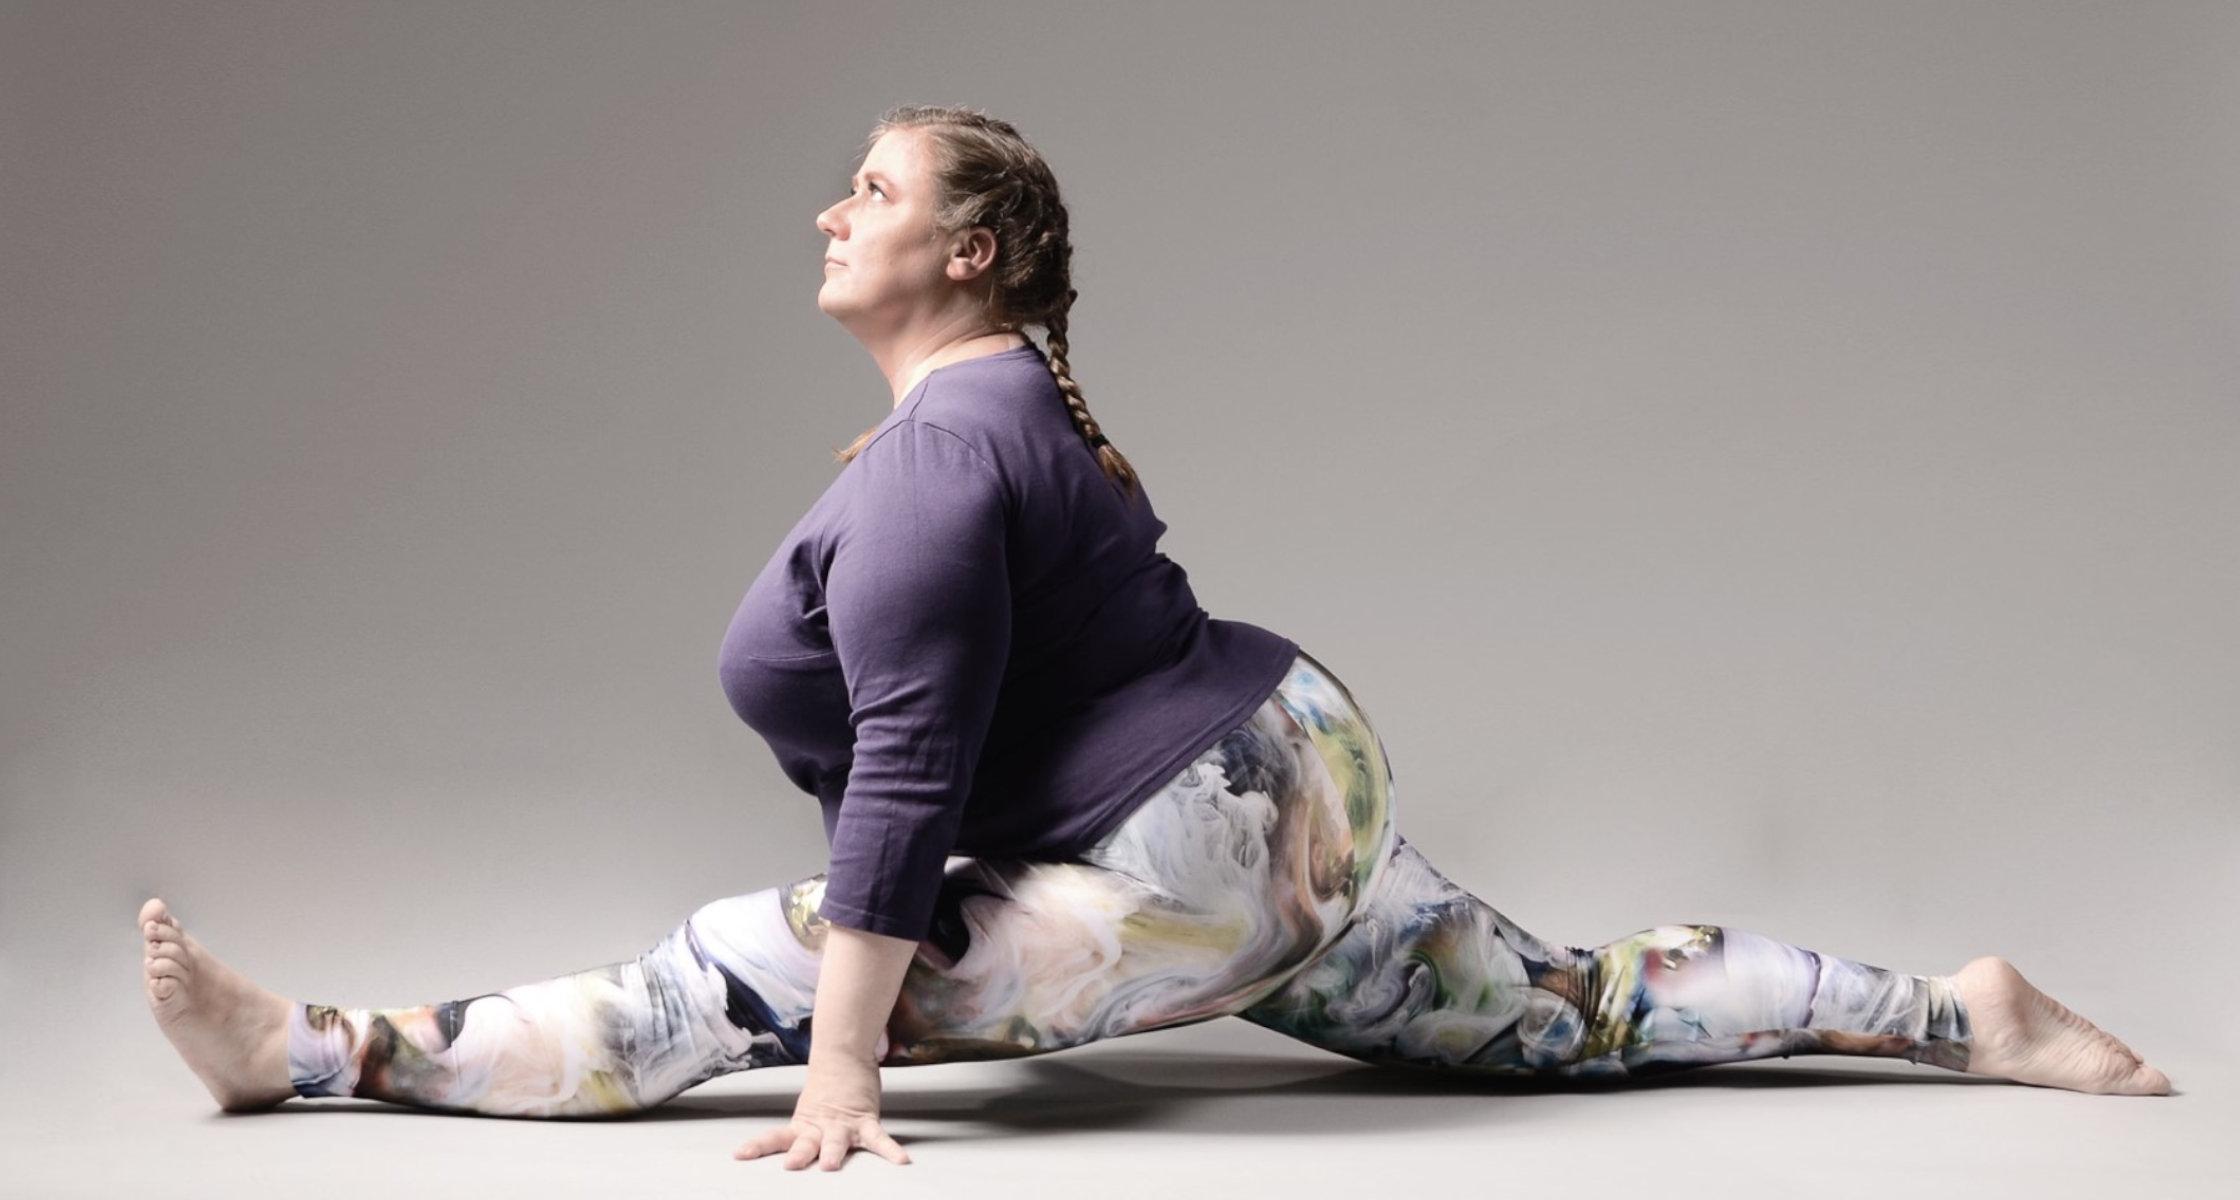 Und starkes schwanger übergewicht Adipositas